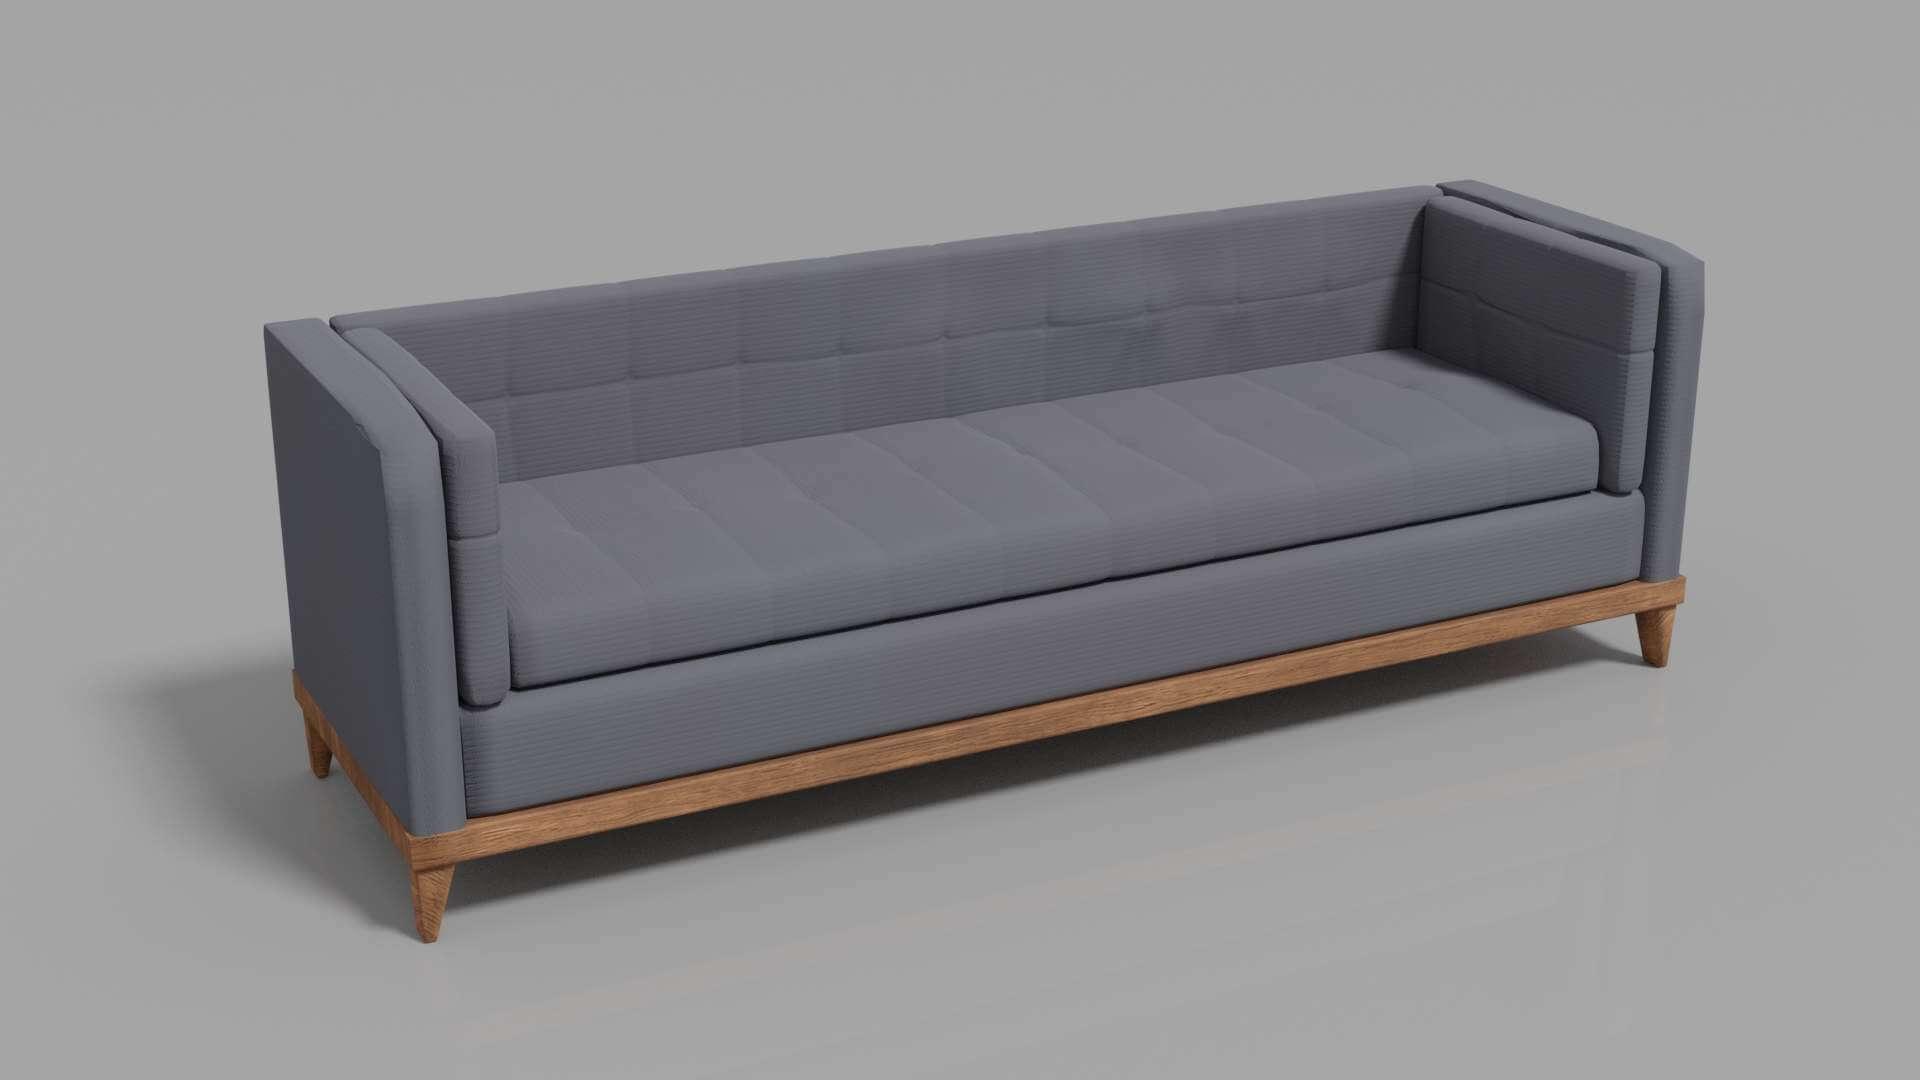 Triple Sofa Modern Minimalist Design 3d Model